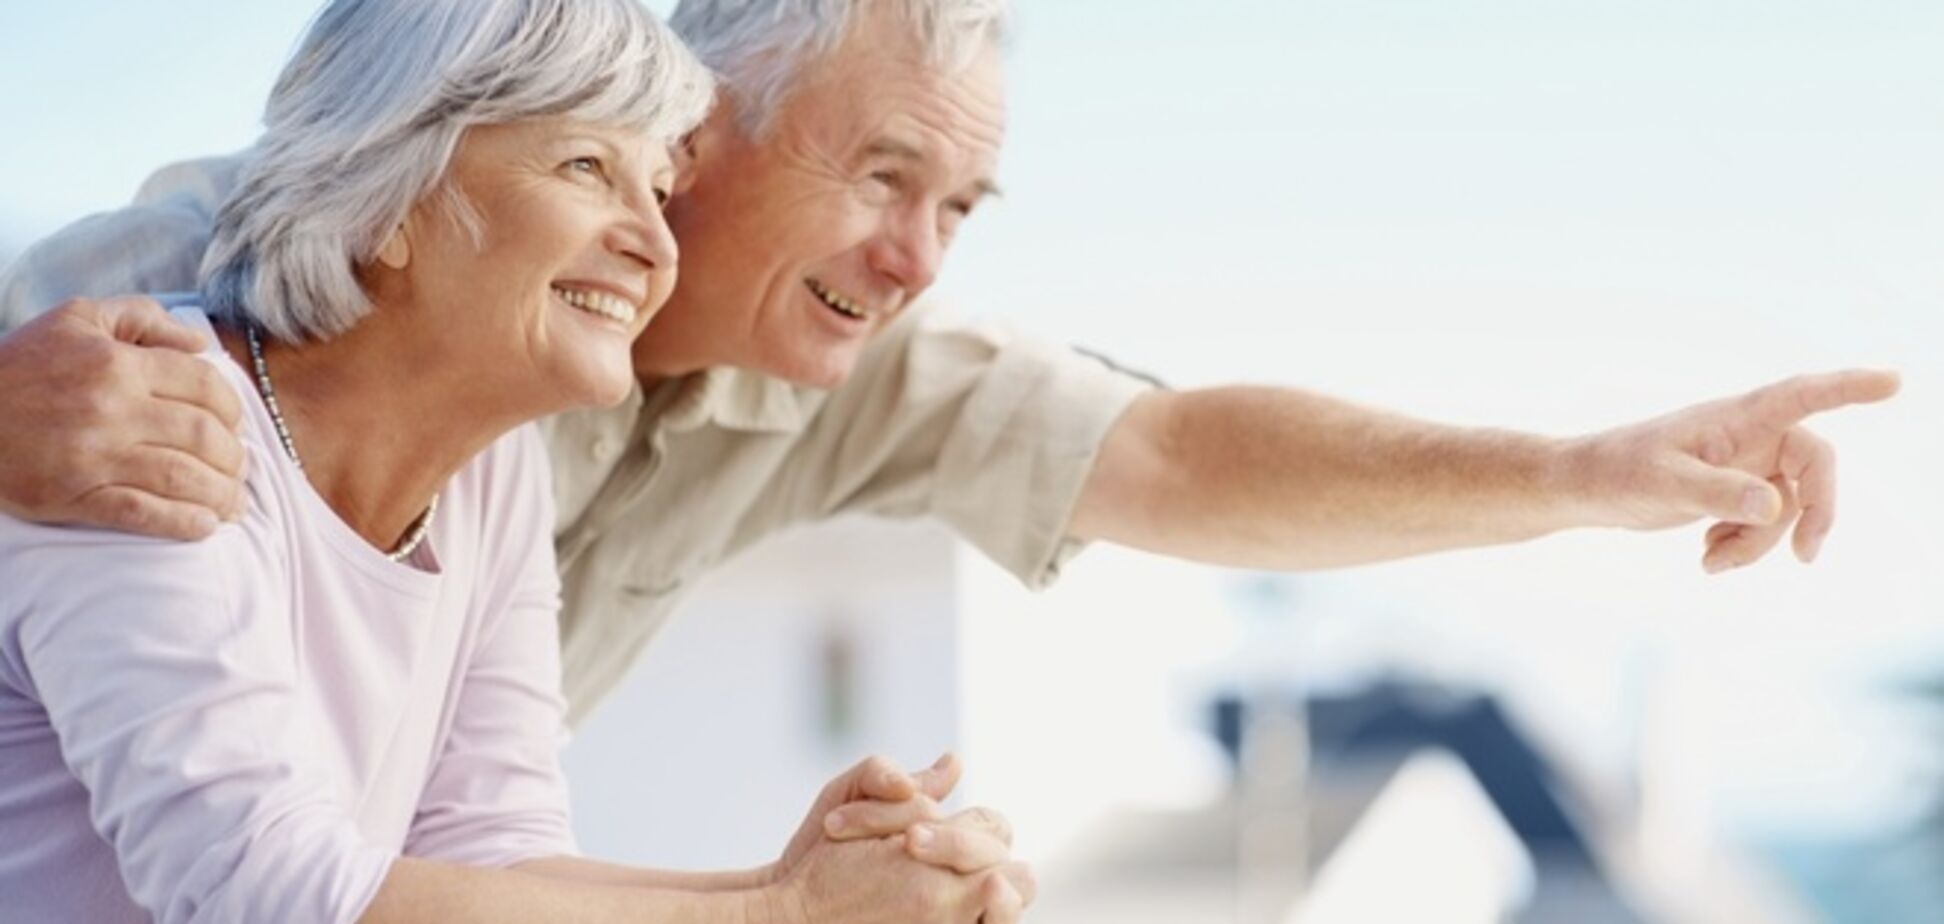 Ученые открыли секрет мужского долголетия